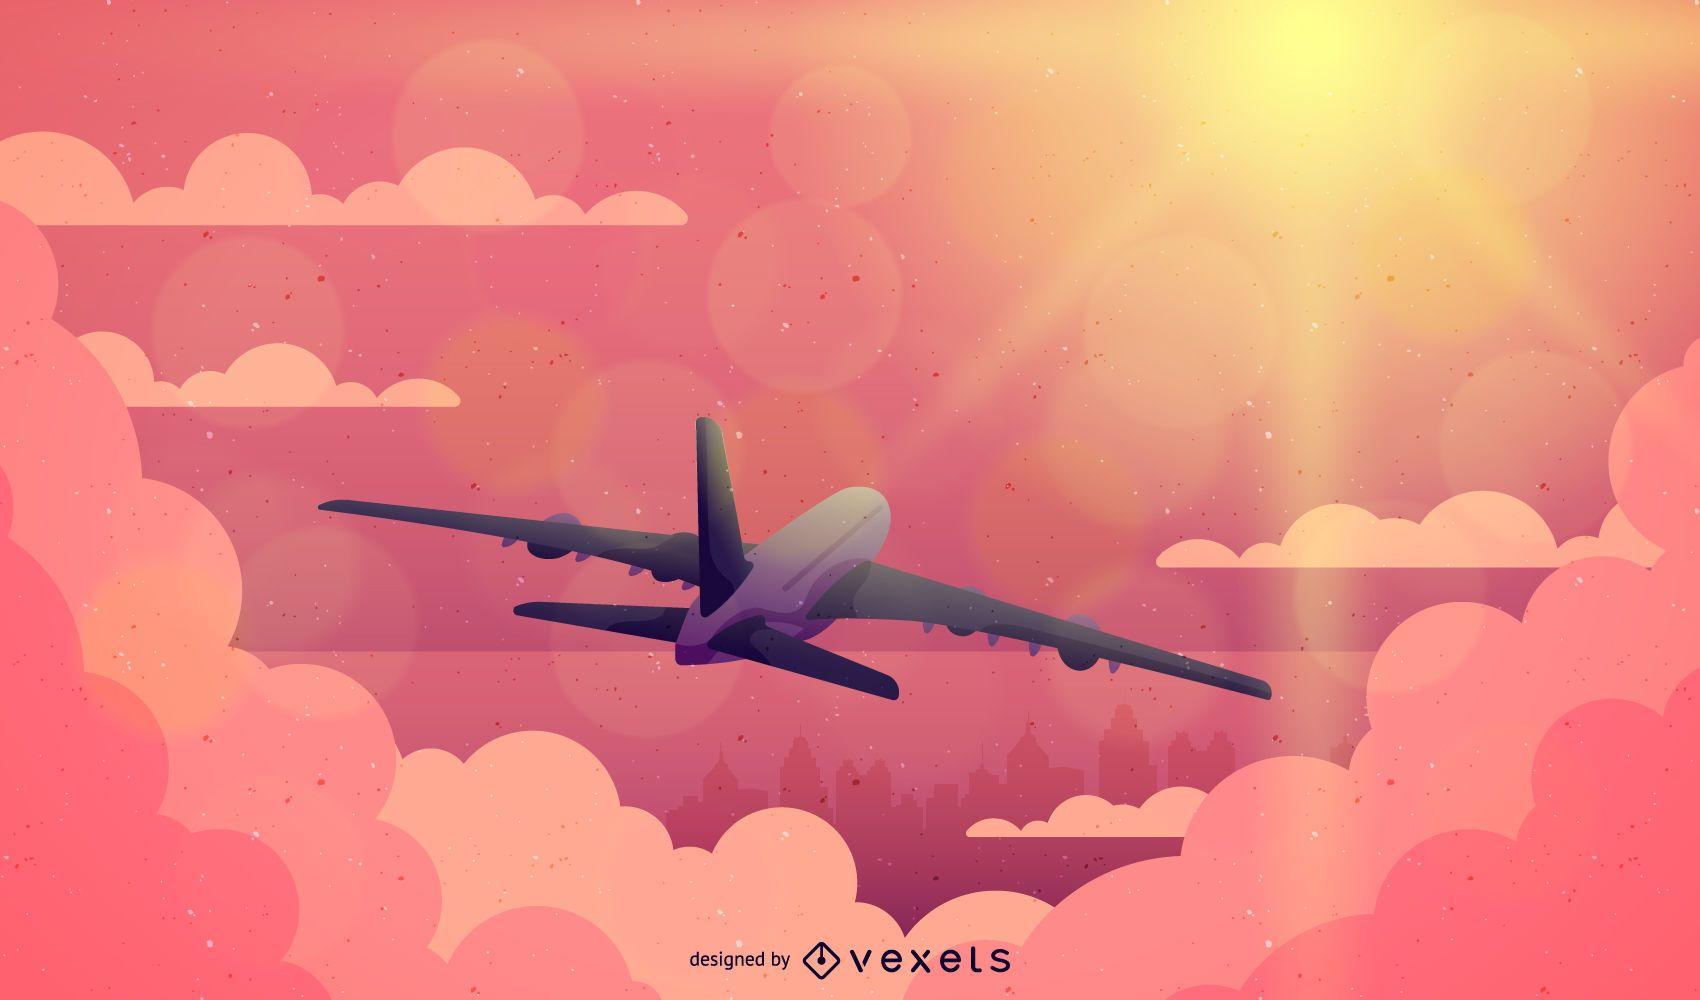 Avião voando na ilustração do pôr do sol